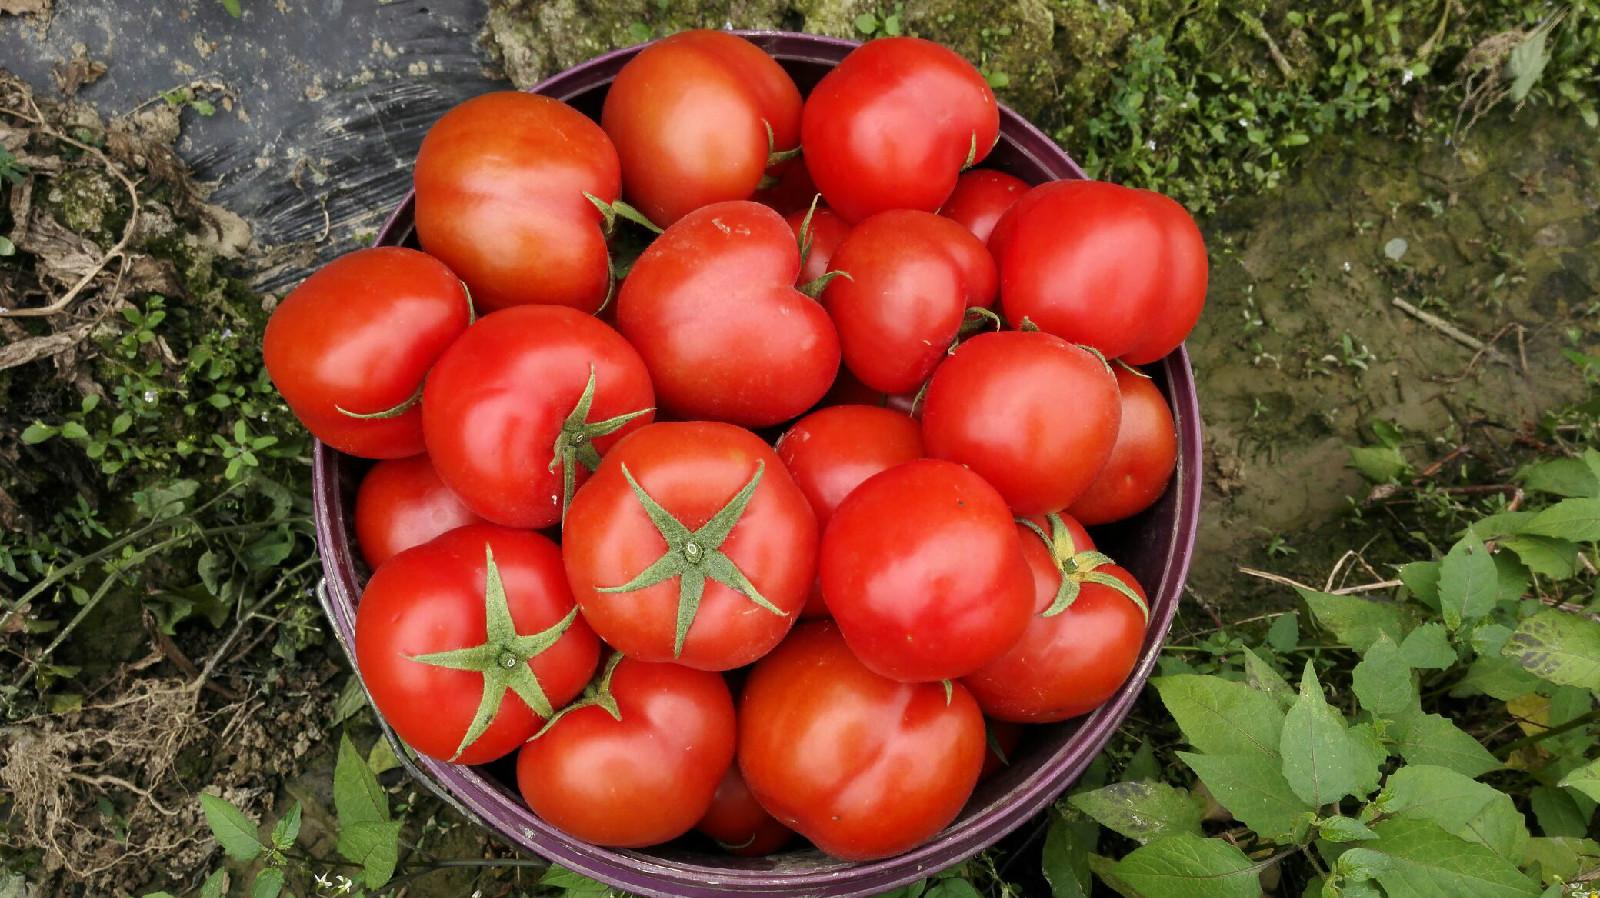 番茄价格暴涨90%,叶类蔬菜行情持续走弱